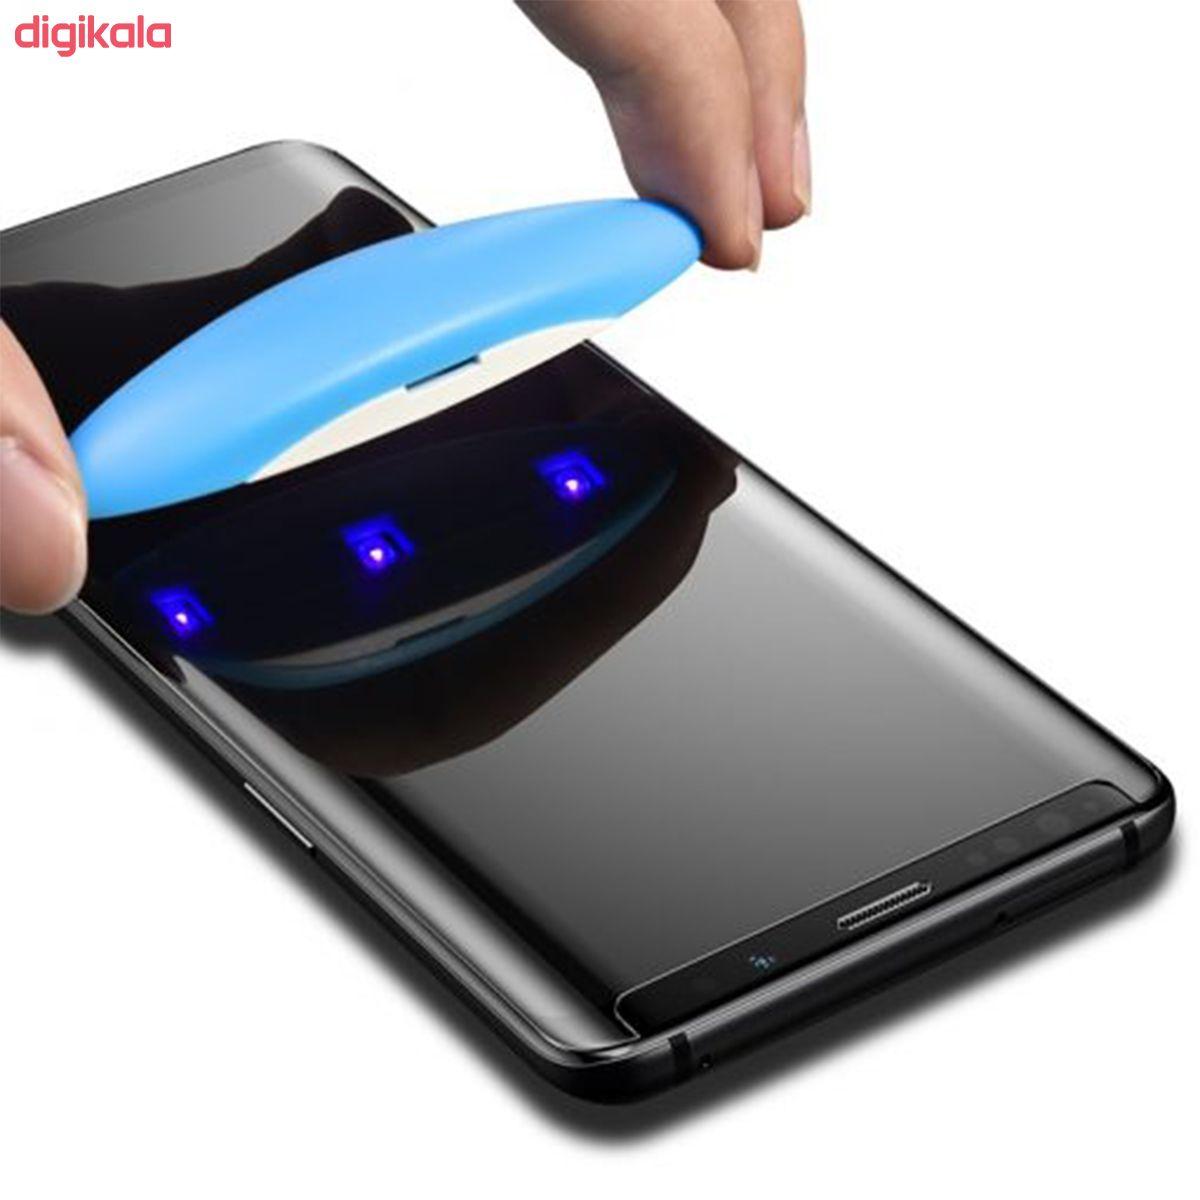 محافظ صفحه نمایش یووی مدل PHSI مناسب برای گوشی موبایل سامسونگ Galaxy note20 Ultra main 1 3